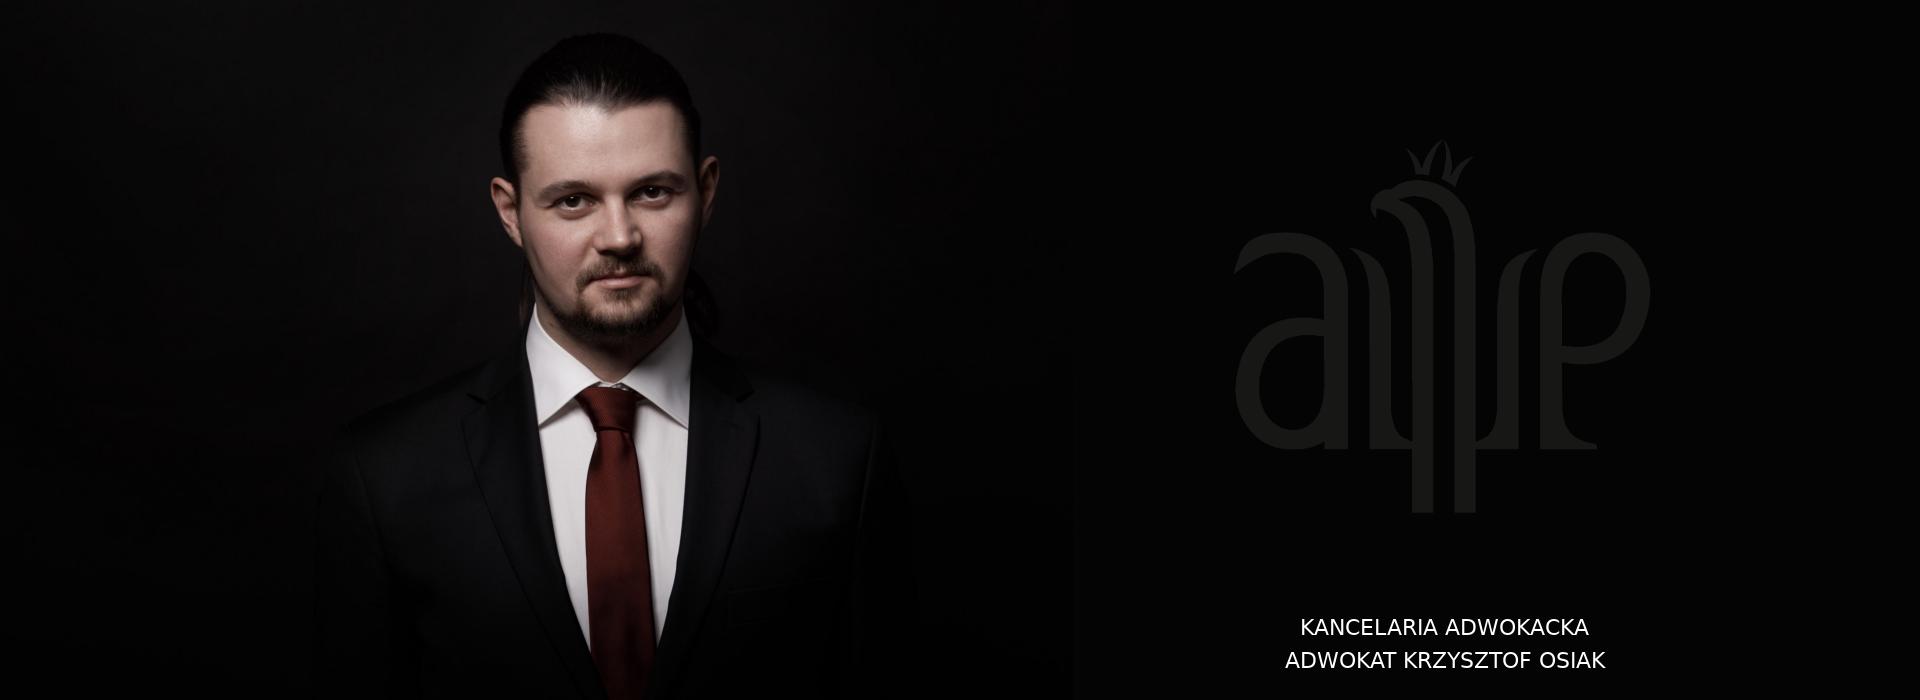 Krzysztof Osiak | prawnik z kucykiem | Prawnik Siedlce